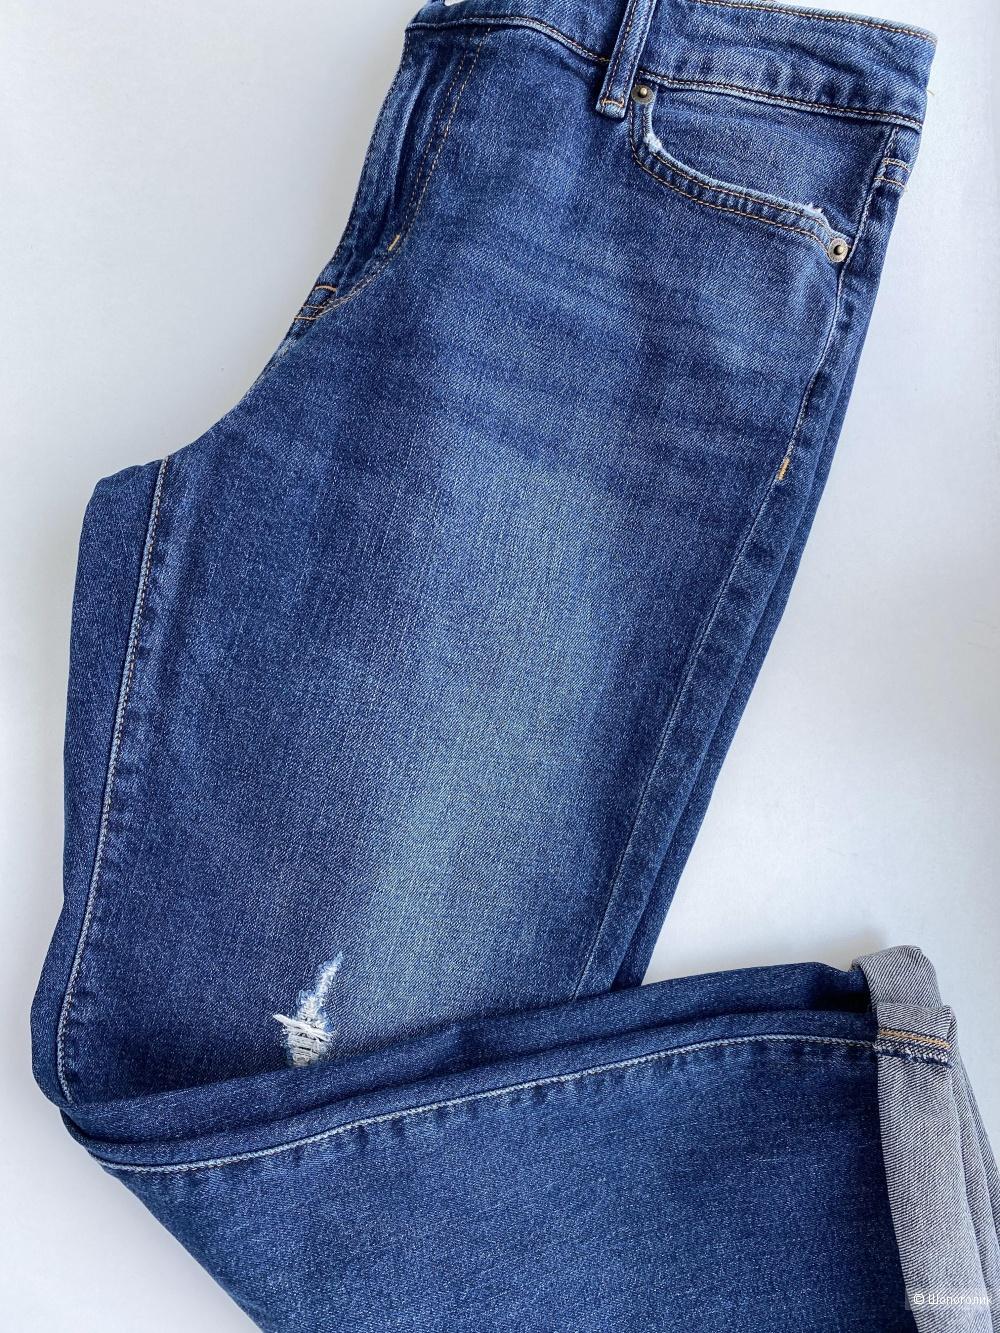 Джинсы Ralph Lauren, размер US 8